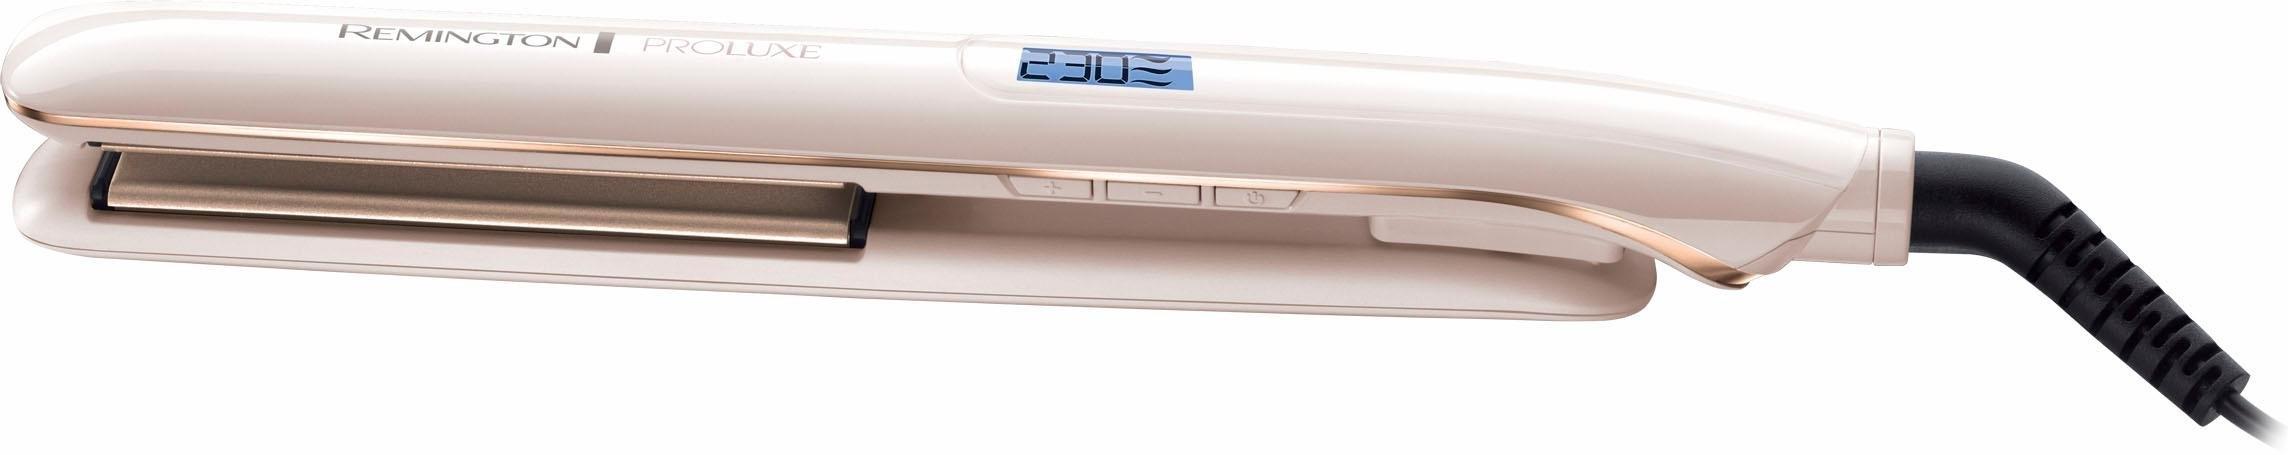 Remington straightener S9100, OPTIheat-technologie in de webshop van OTTO kopen